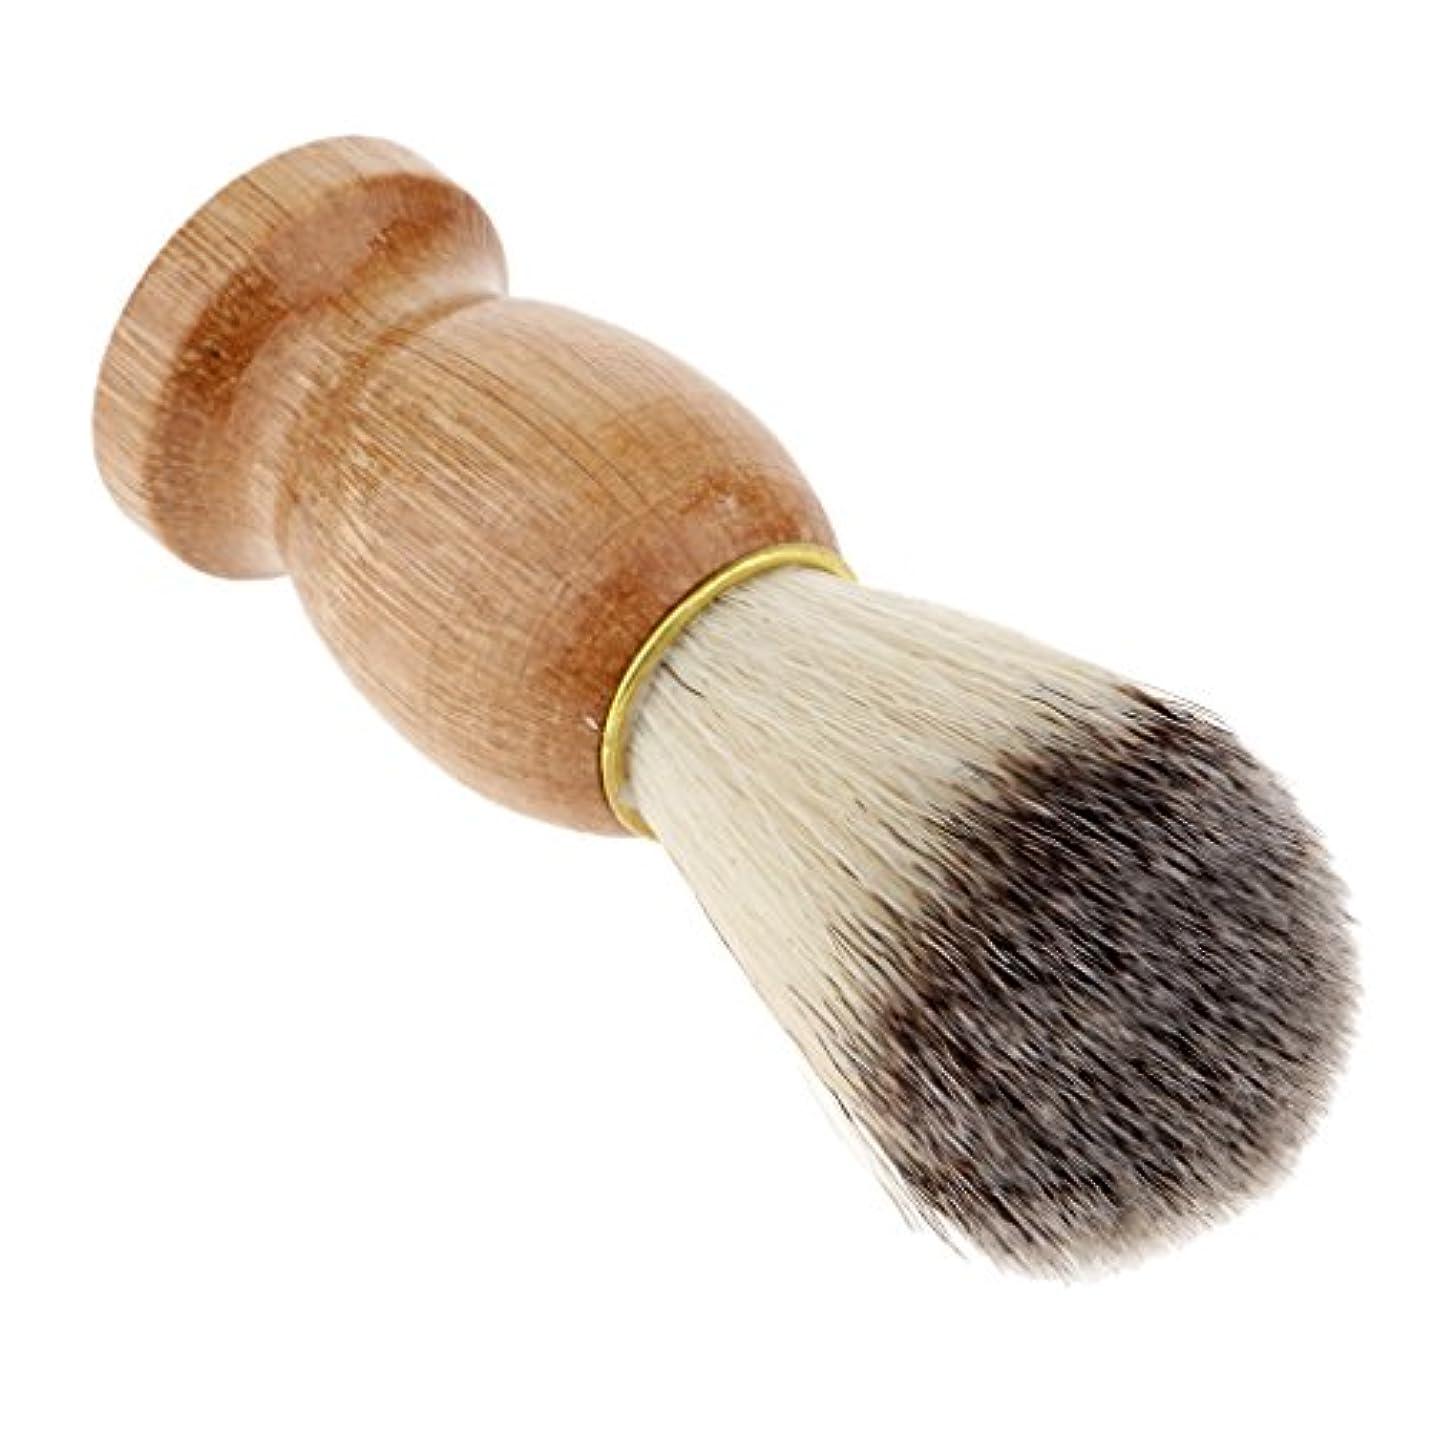 彼自身抜け目がない忠実人毛ひげの切断の塵の浄化のための木製のハンドルの剛毛の剃るブラシ